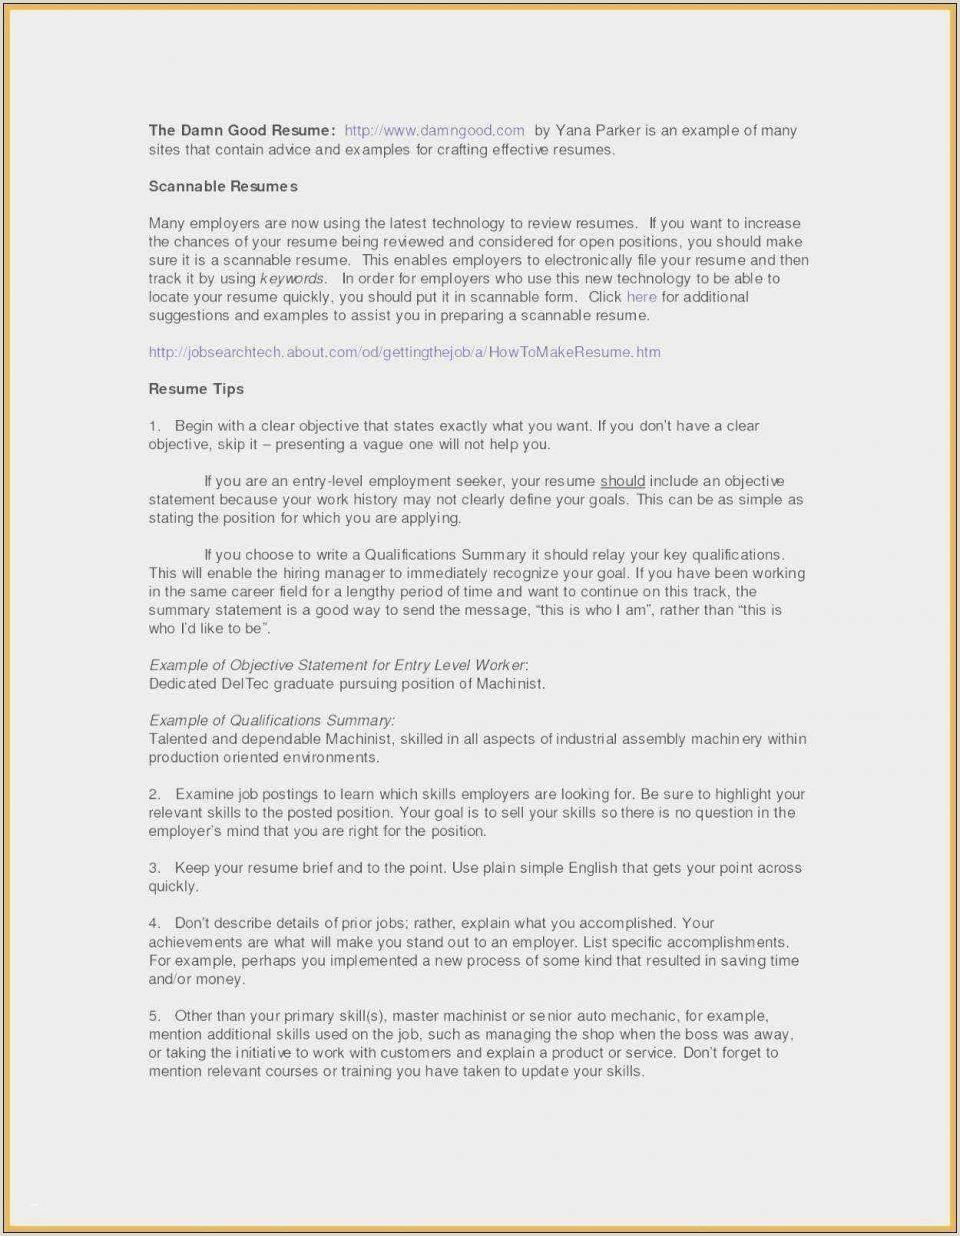 Exemple De Cv Simple Gratuit Pdf 51 Exemple Exemple De Cv Simple Pdf Worldindoorlacrosse